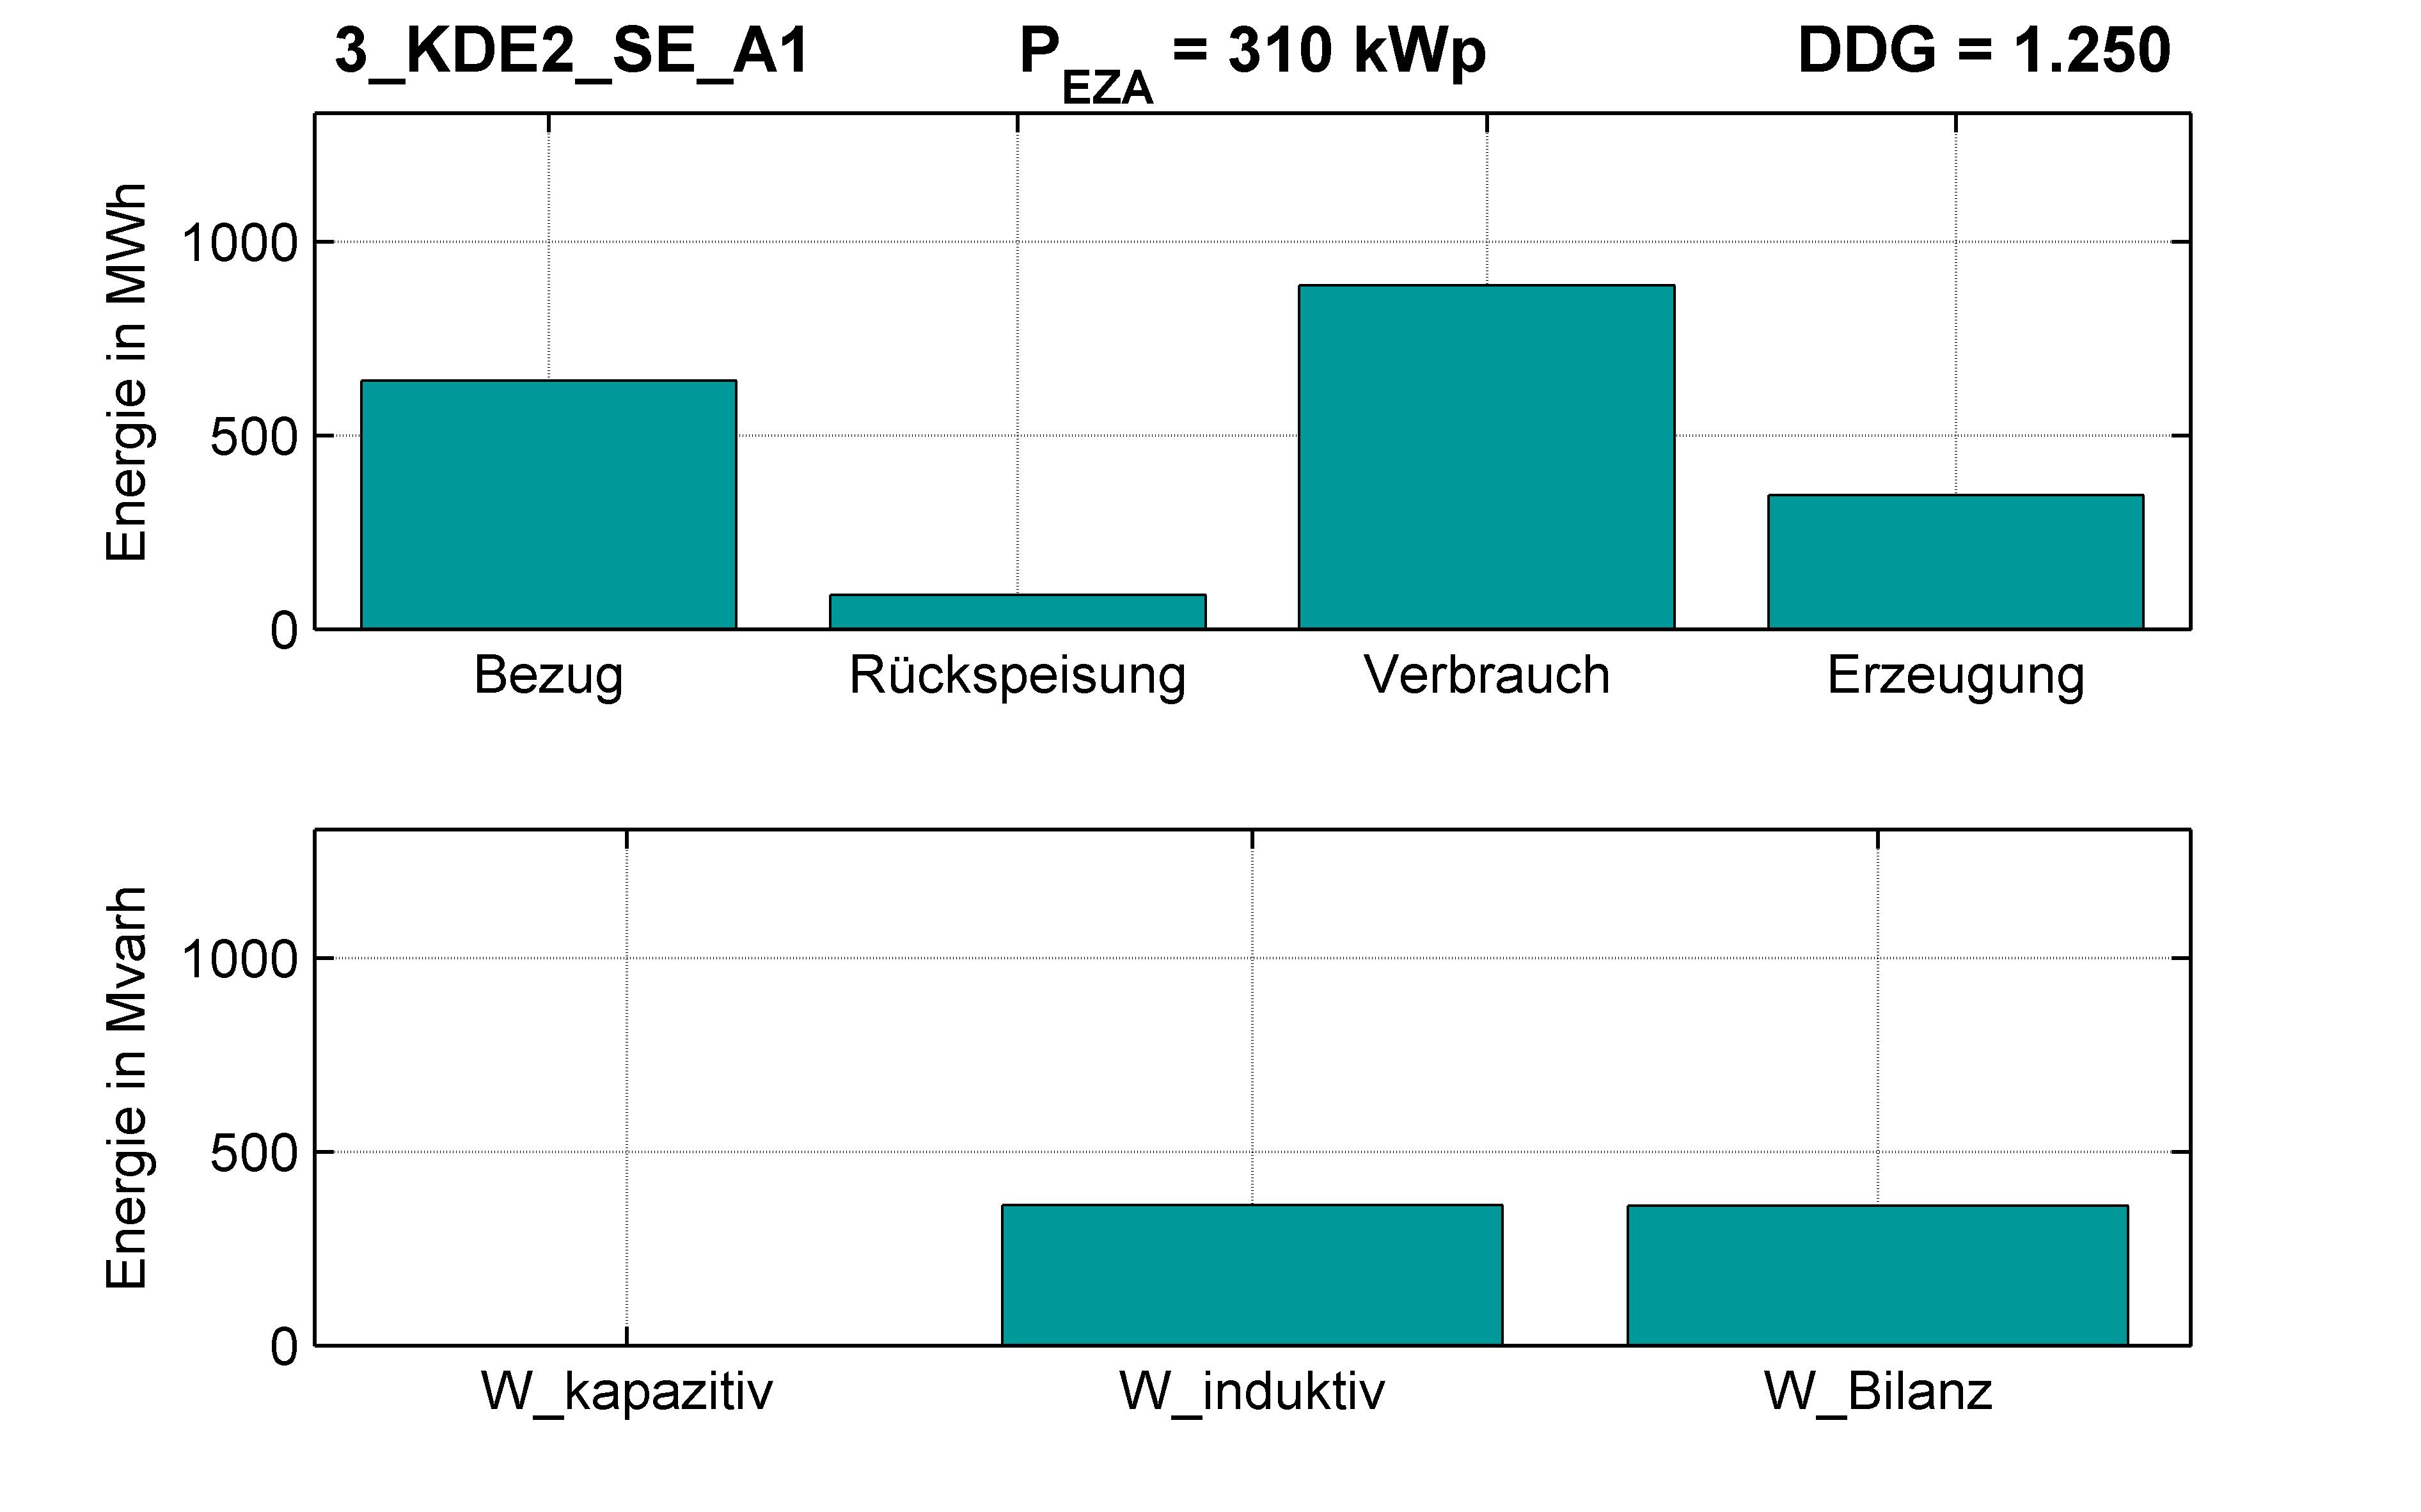 KDE2 | P-Kappung 70% (SE) A1 | PQ-Bilanz